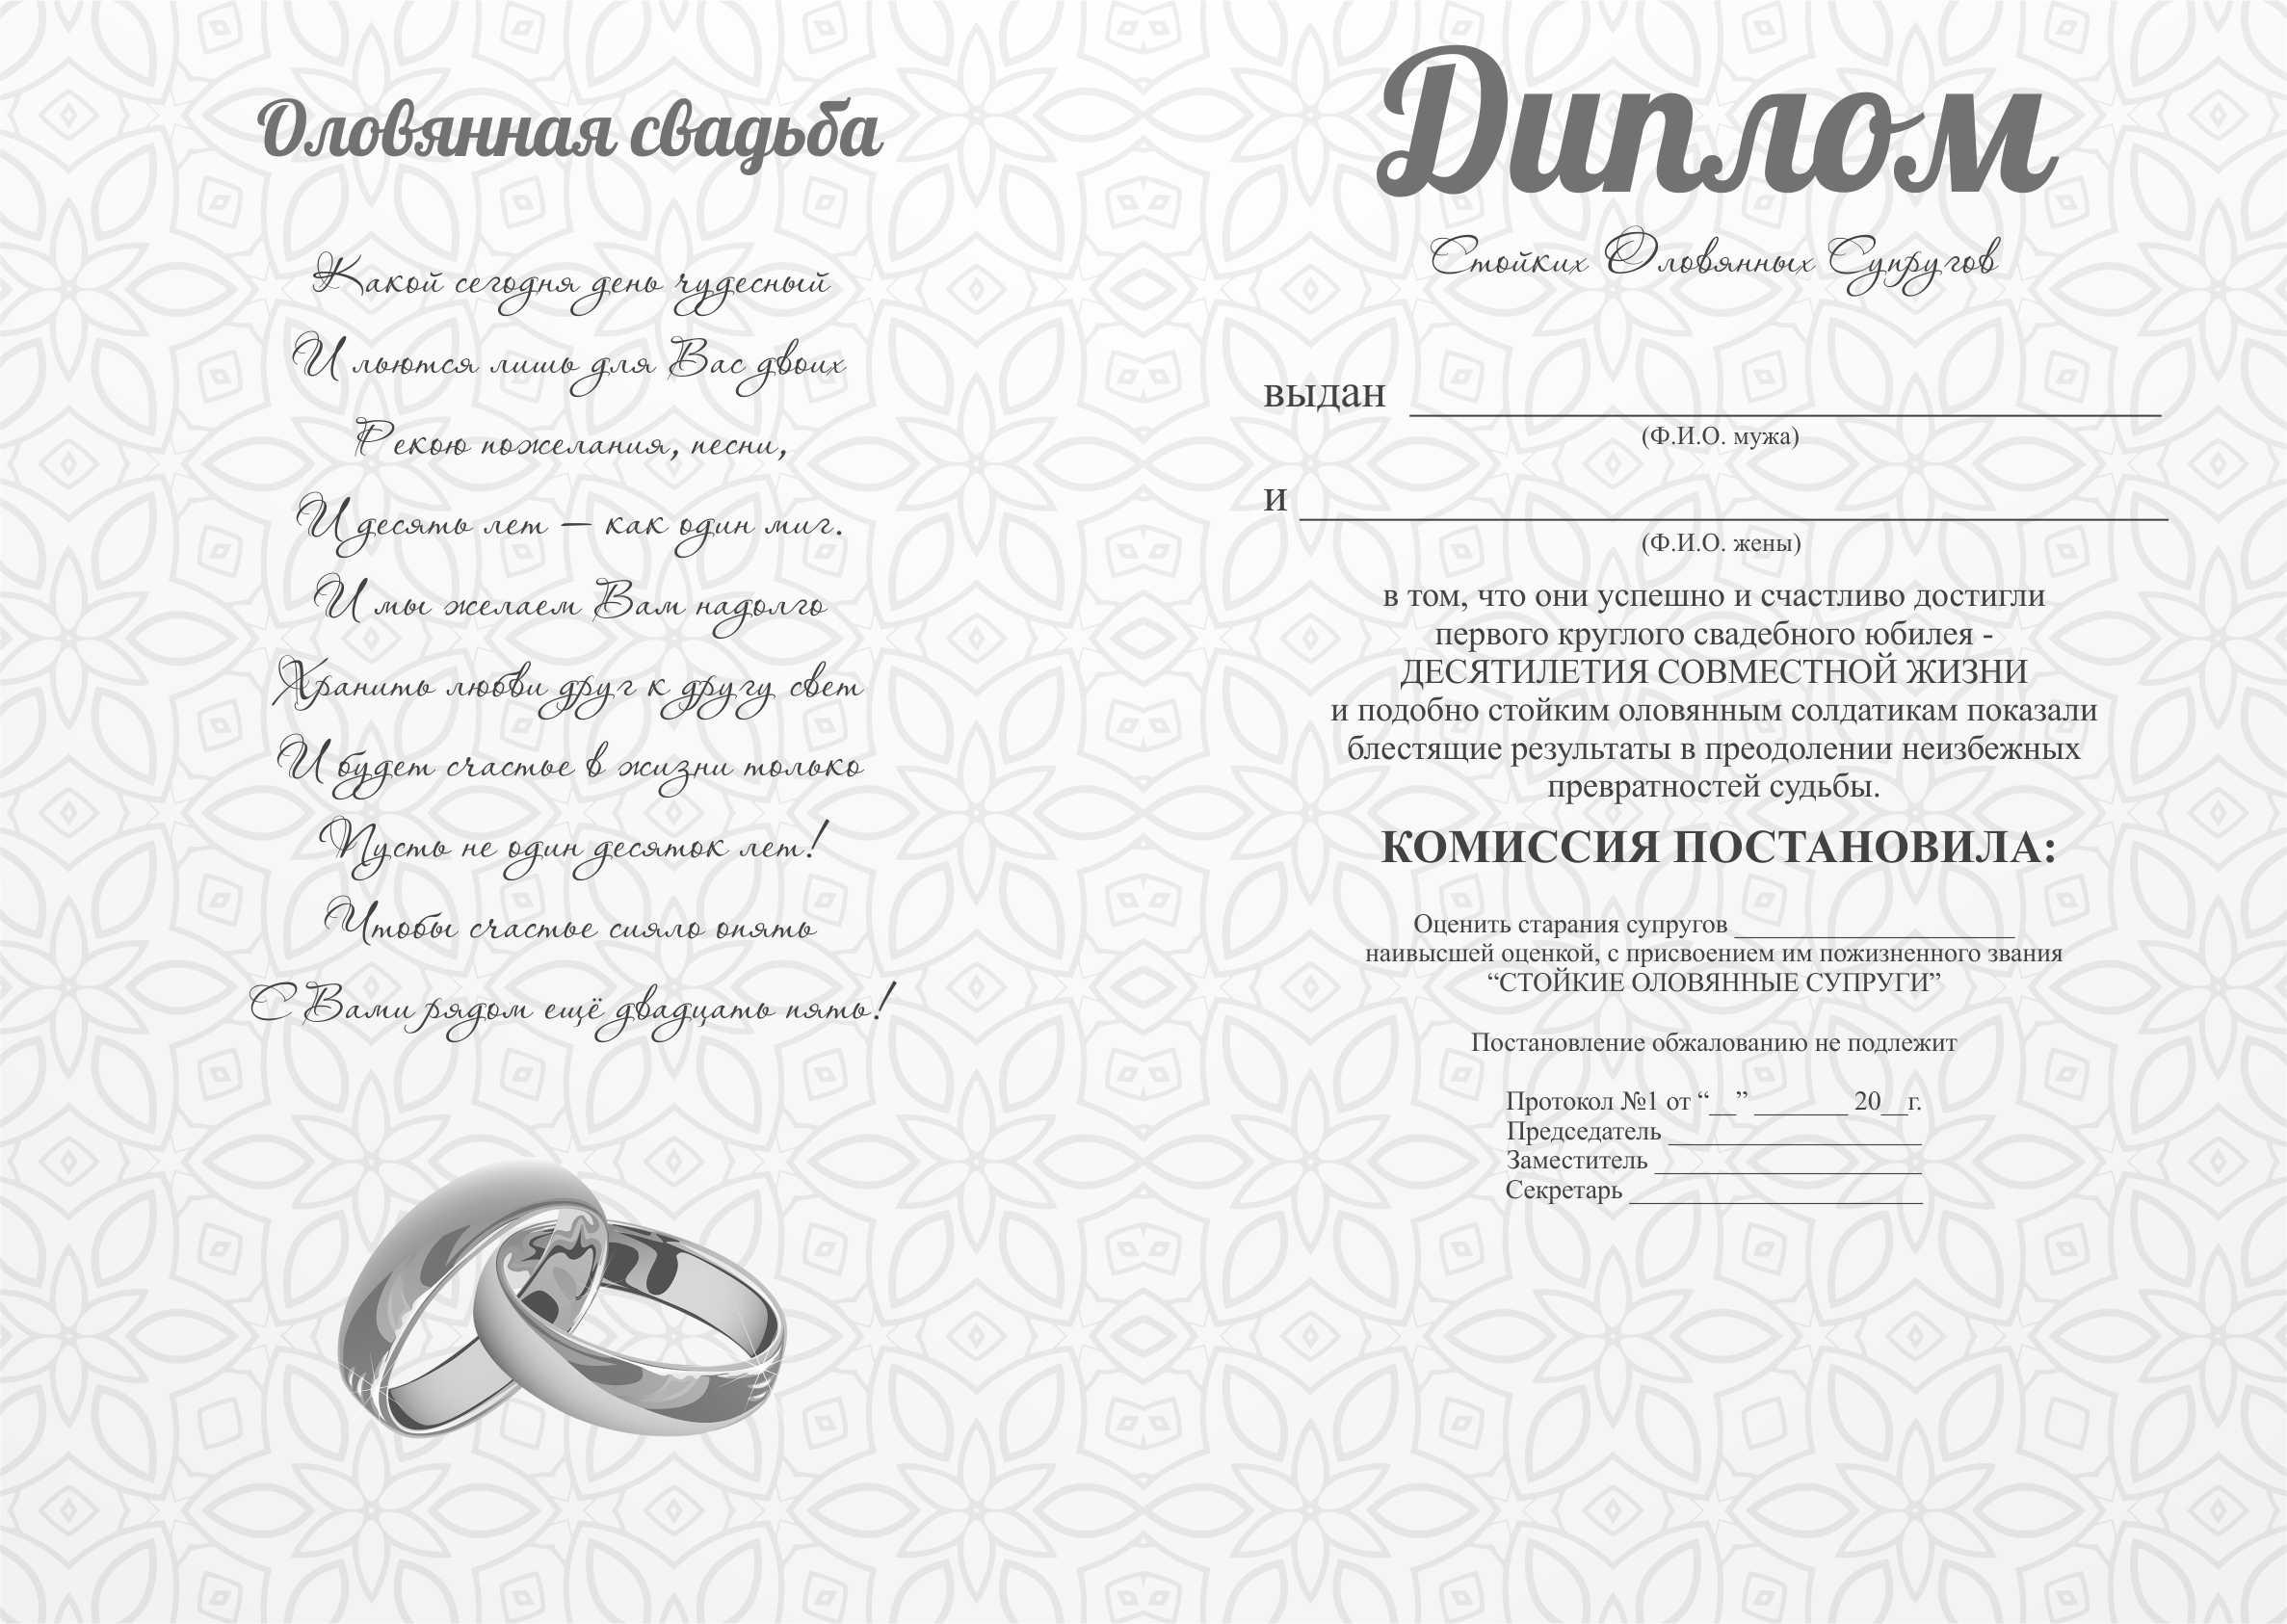 Печать грамот и дипломов для свадьбы 10 лет в Москве   фото 8